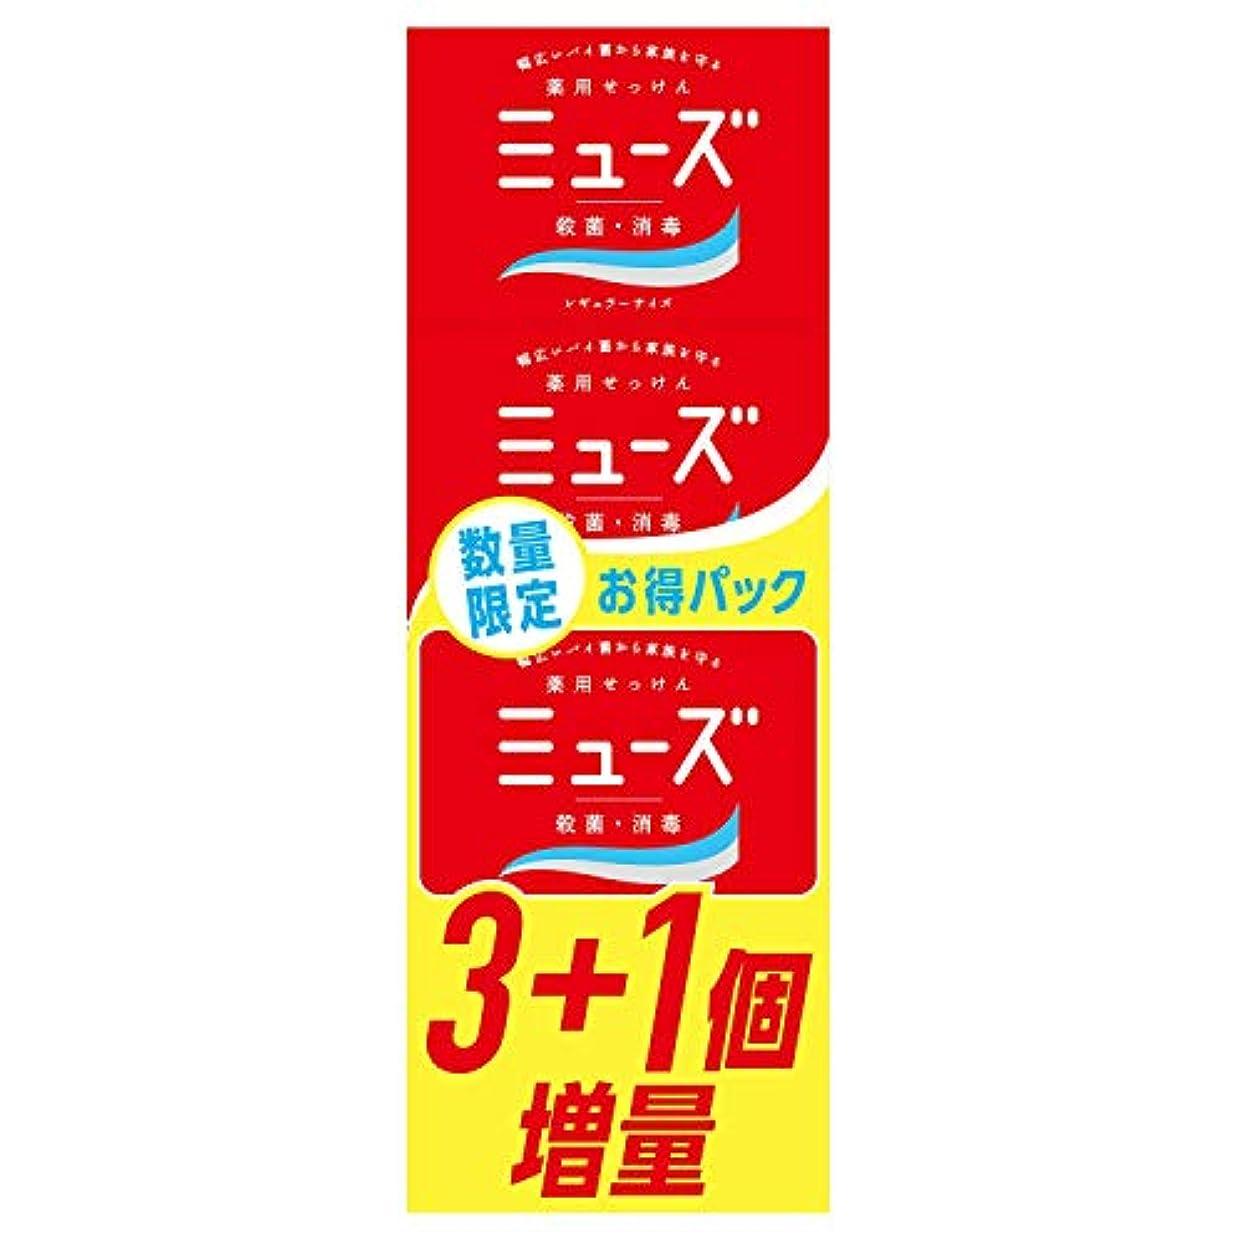 ペルソナビデオますます【医薬部外品】ミューズ石鹸レギュラー 3+1限定品